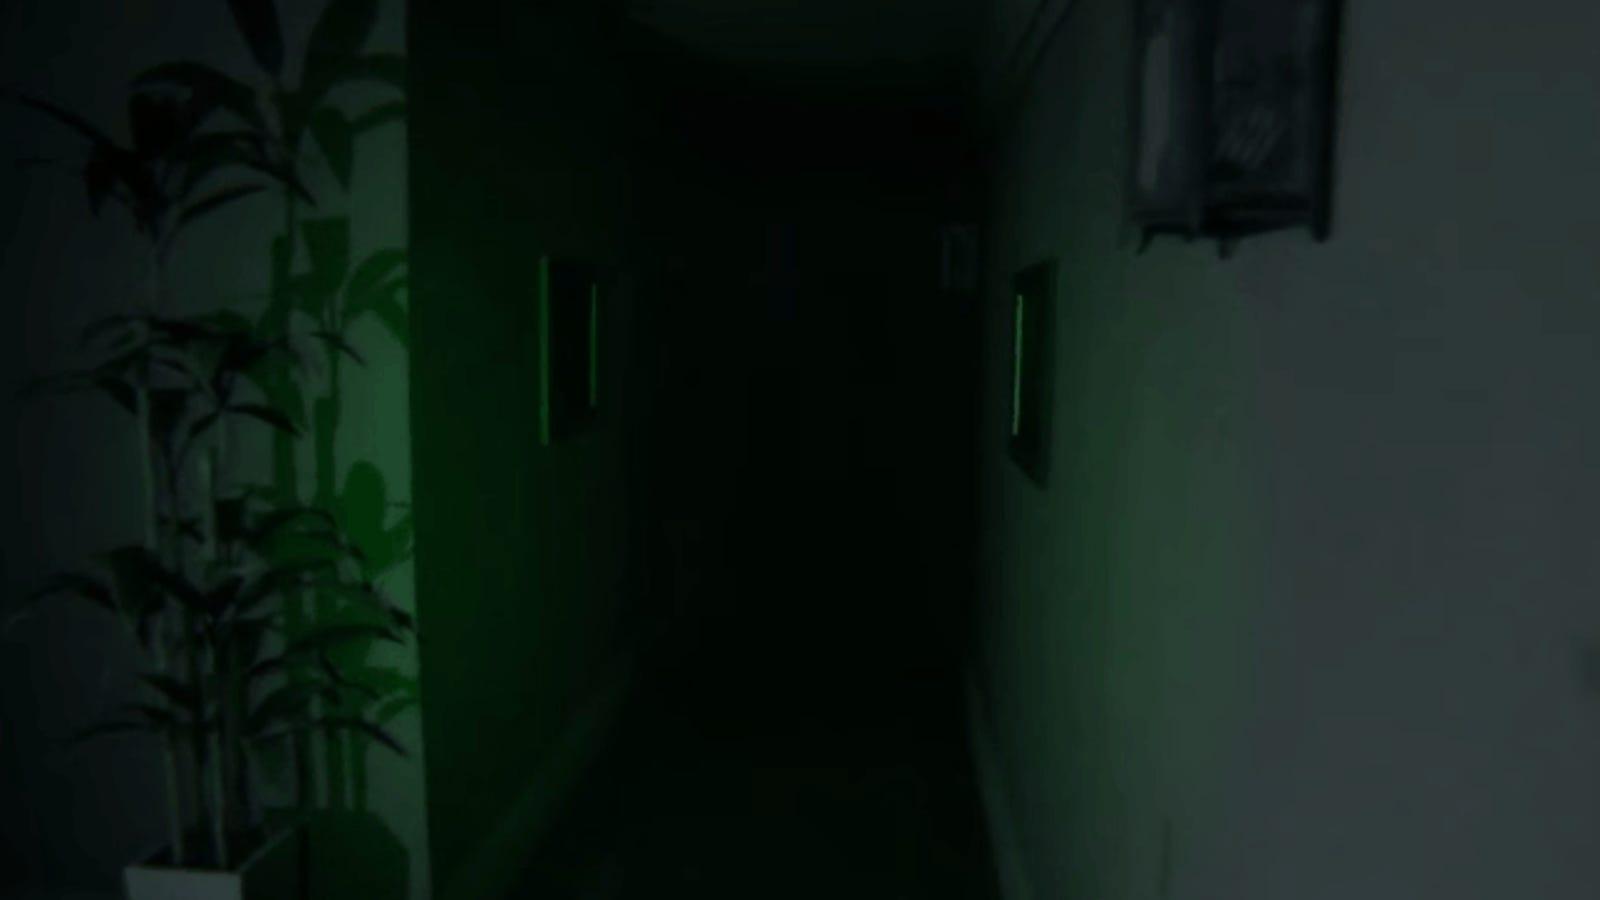 12 juegos de horror para jugar con las luces apagadas